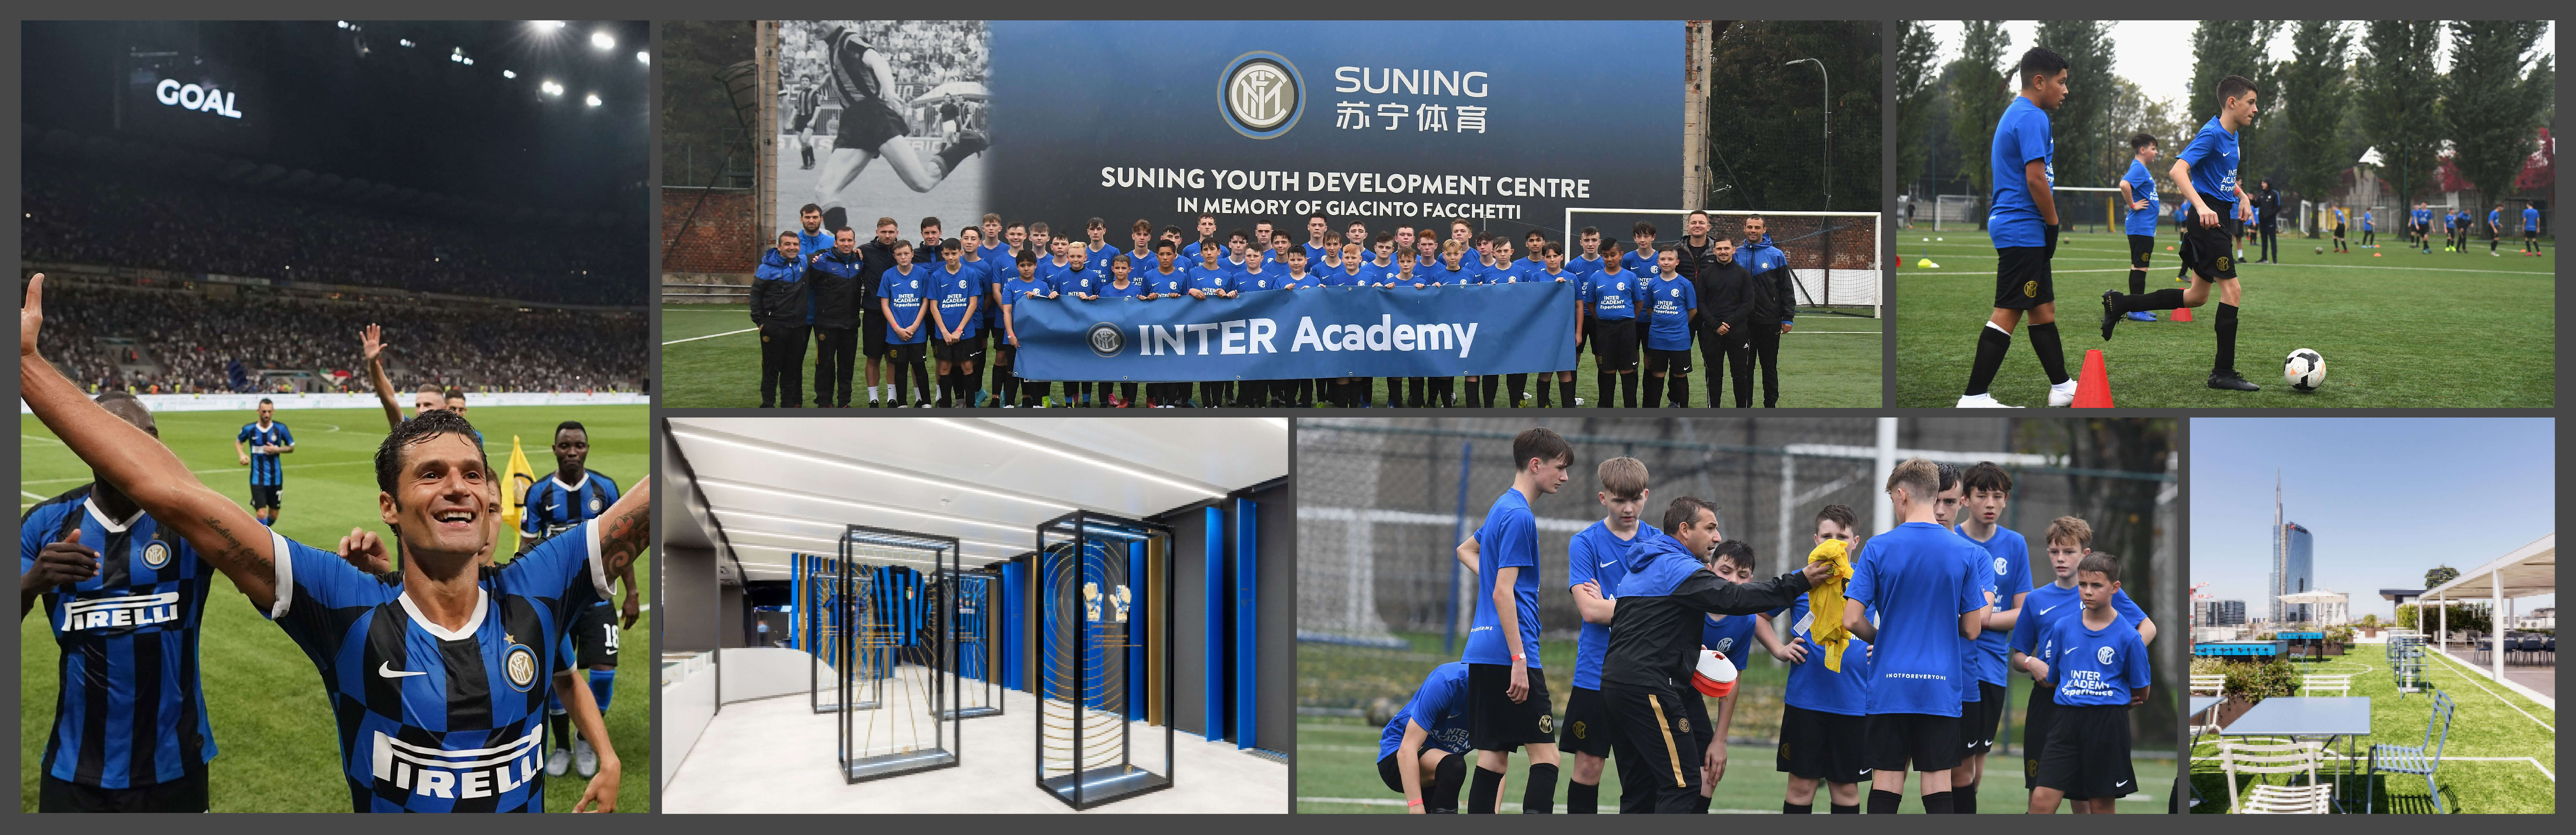 Internazionale Milano 2019 Banner